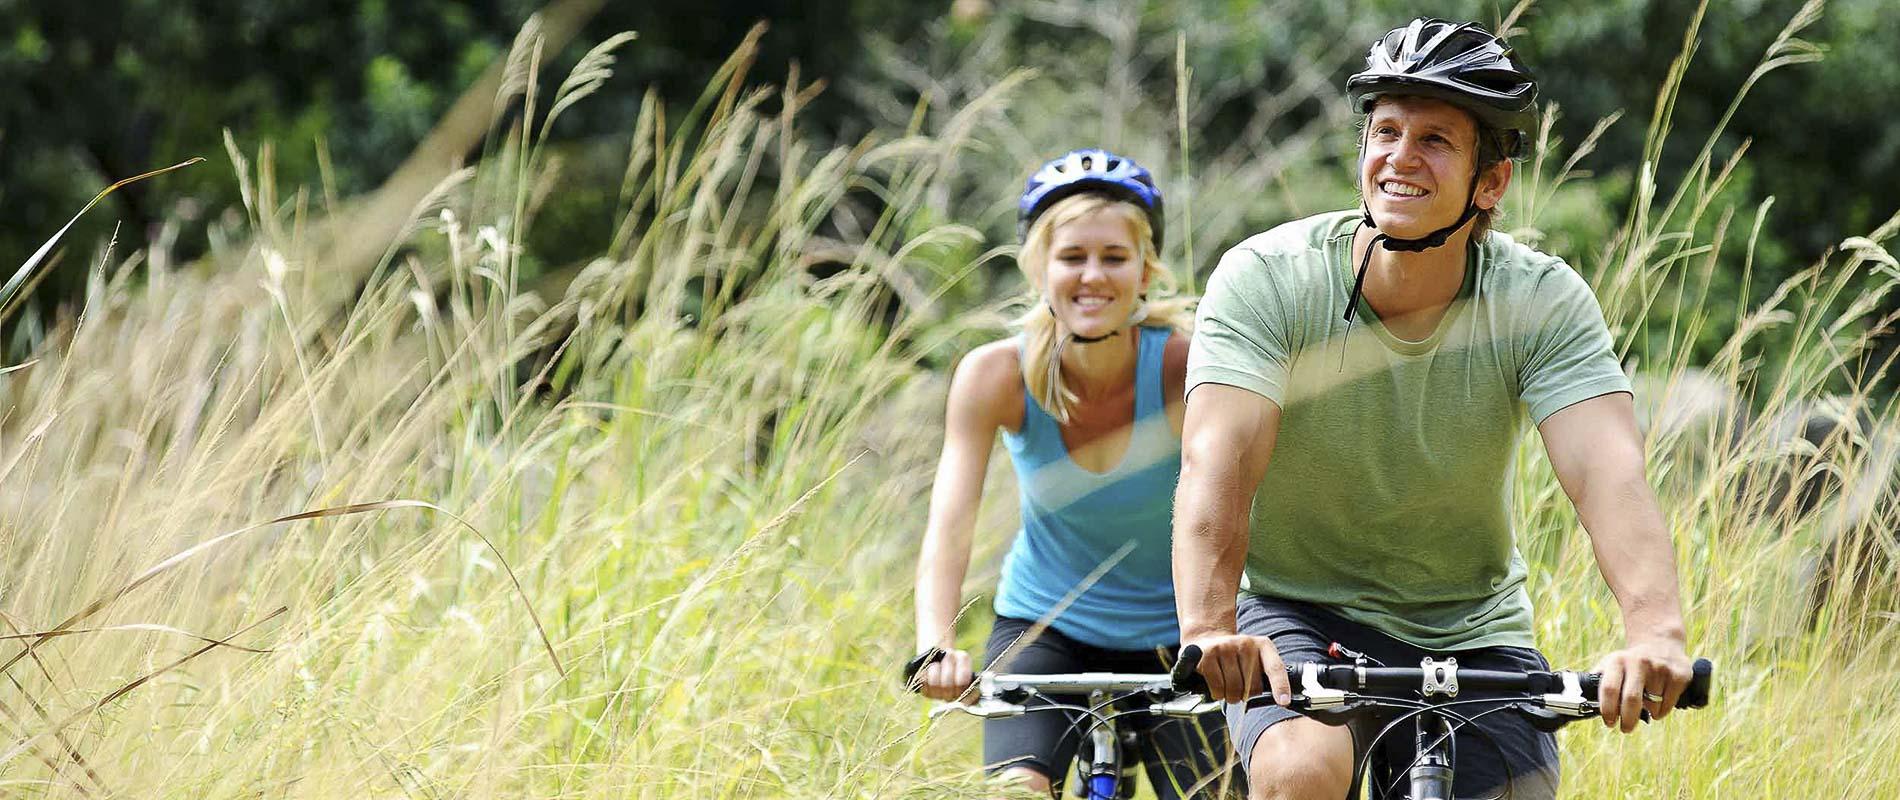 biciclette-testata